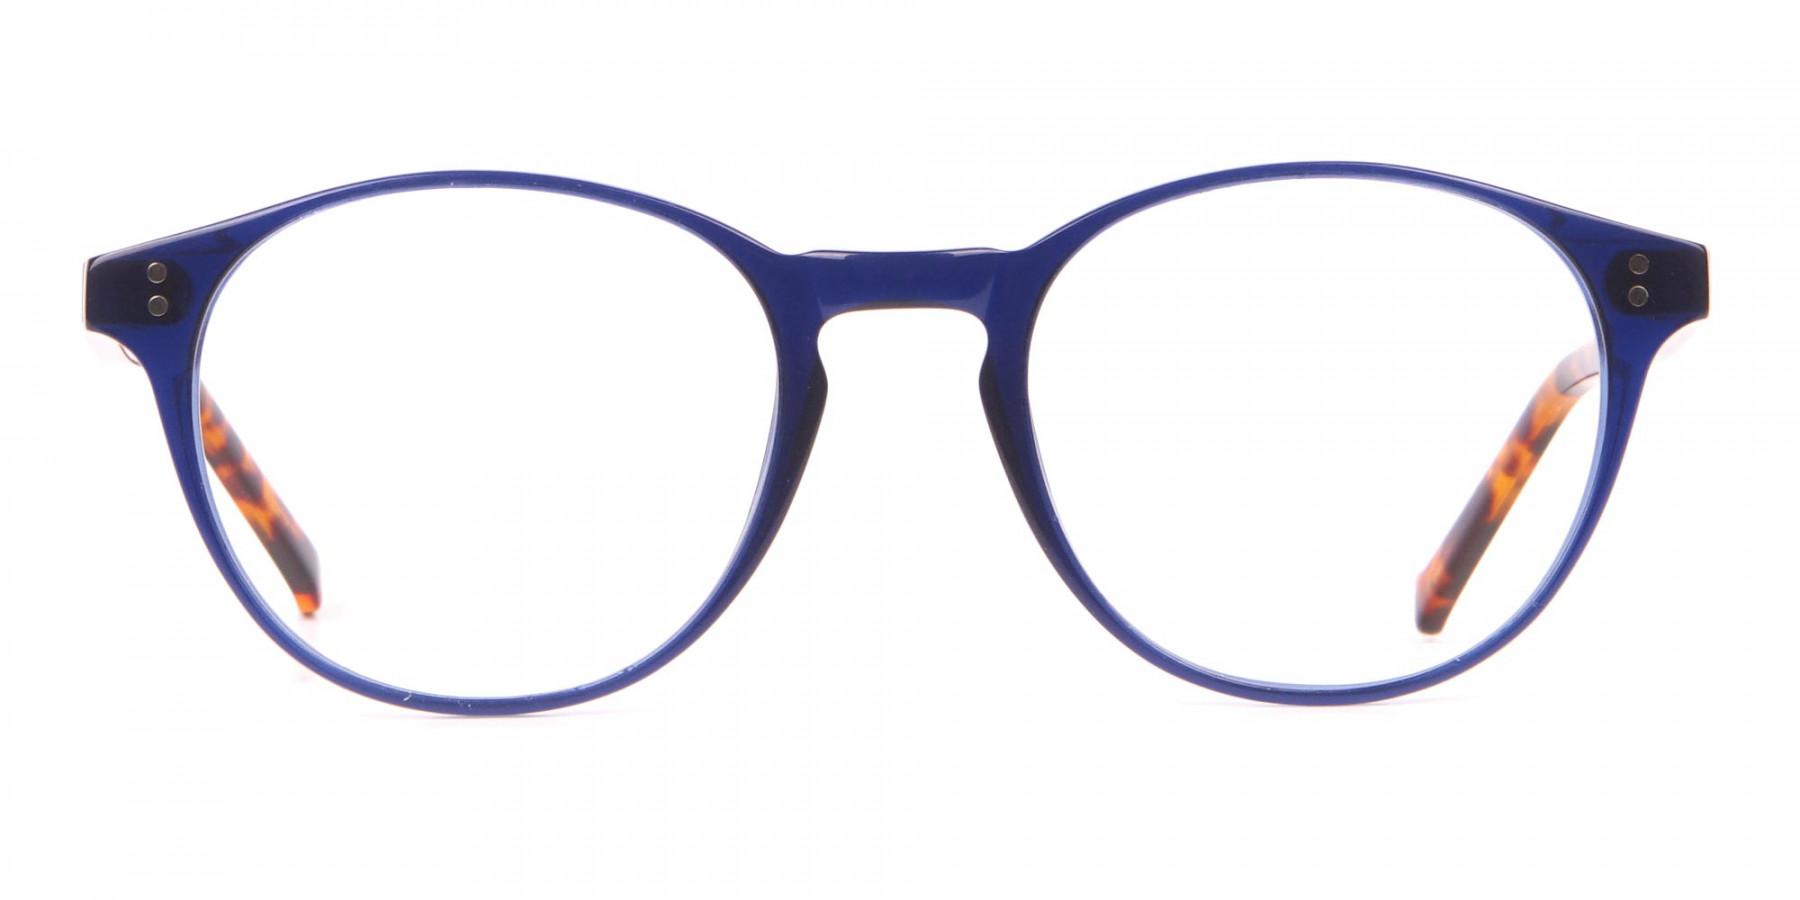 HACKETT Bespoke HEB218 Petite Round Glasses Navy & Tortoise-1